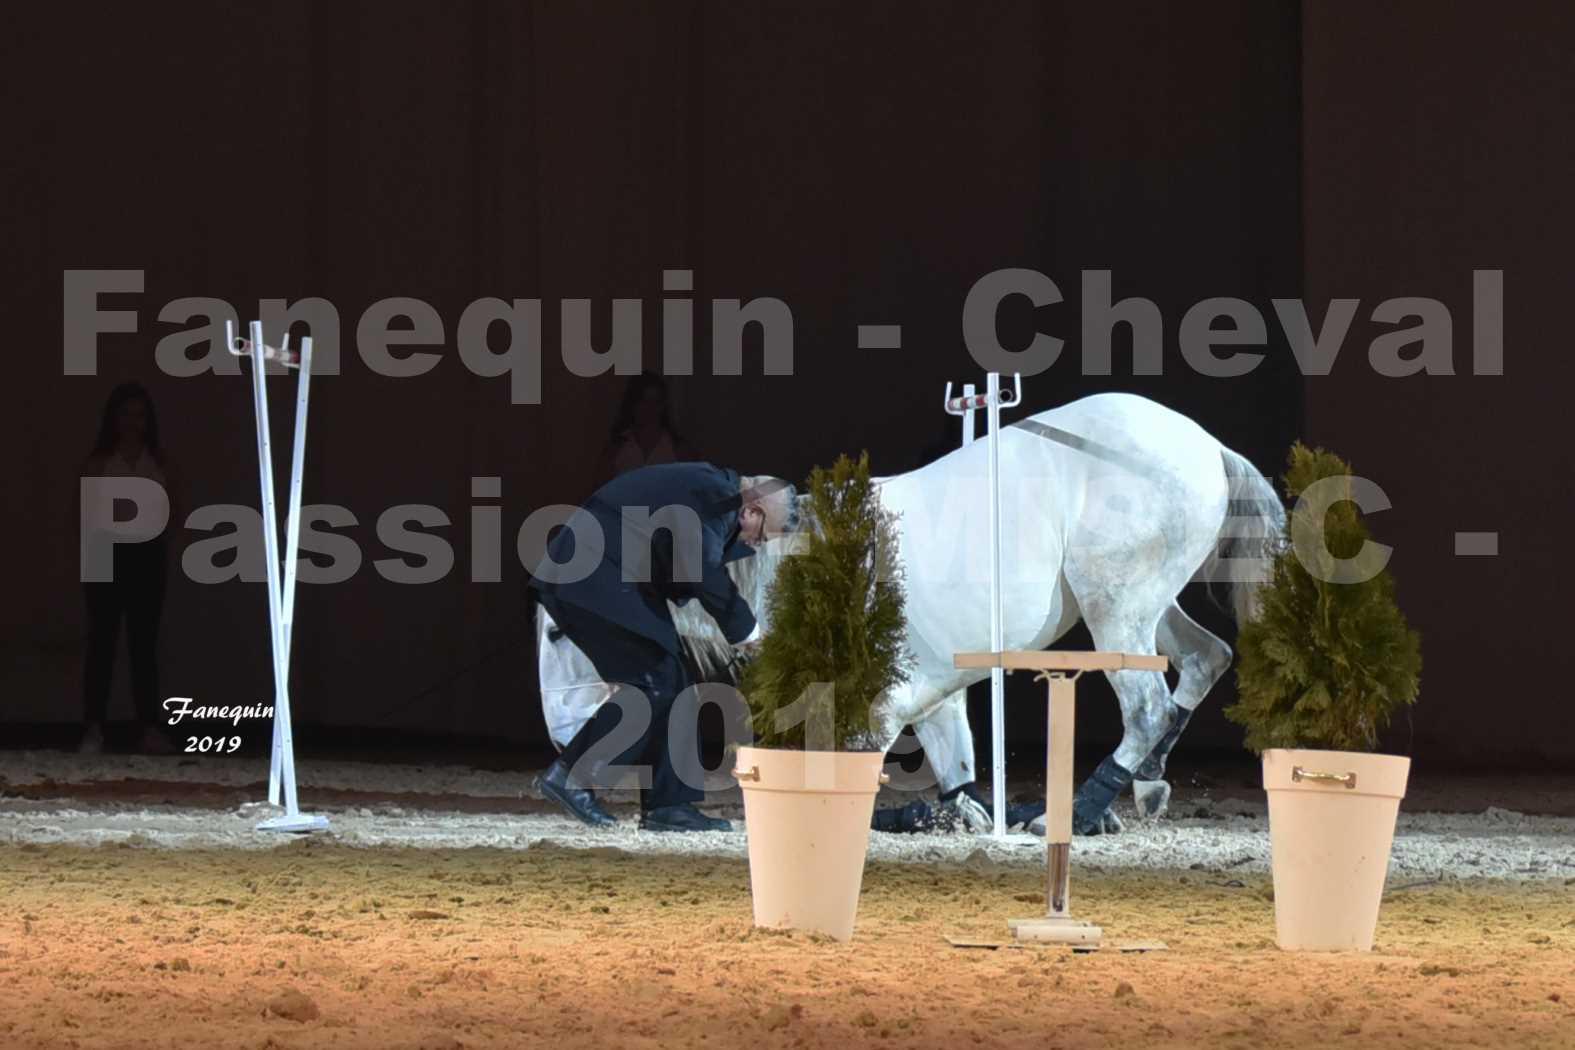 Cheval Passion 2019 - M. I. S. E. C. - Michel CASSAN & cheval en liberté - 20